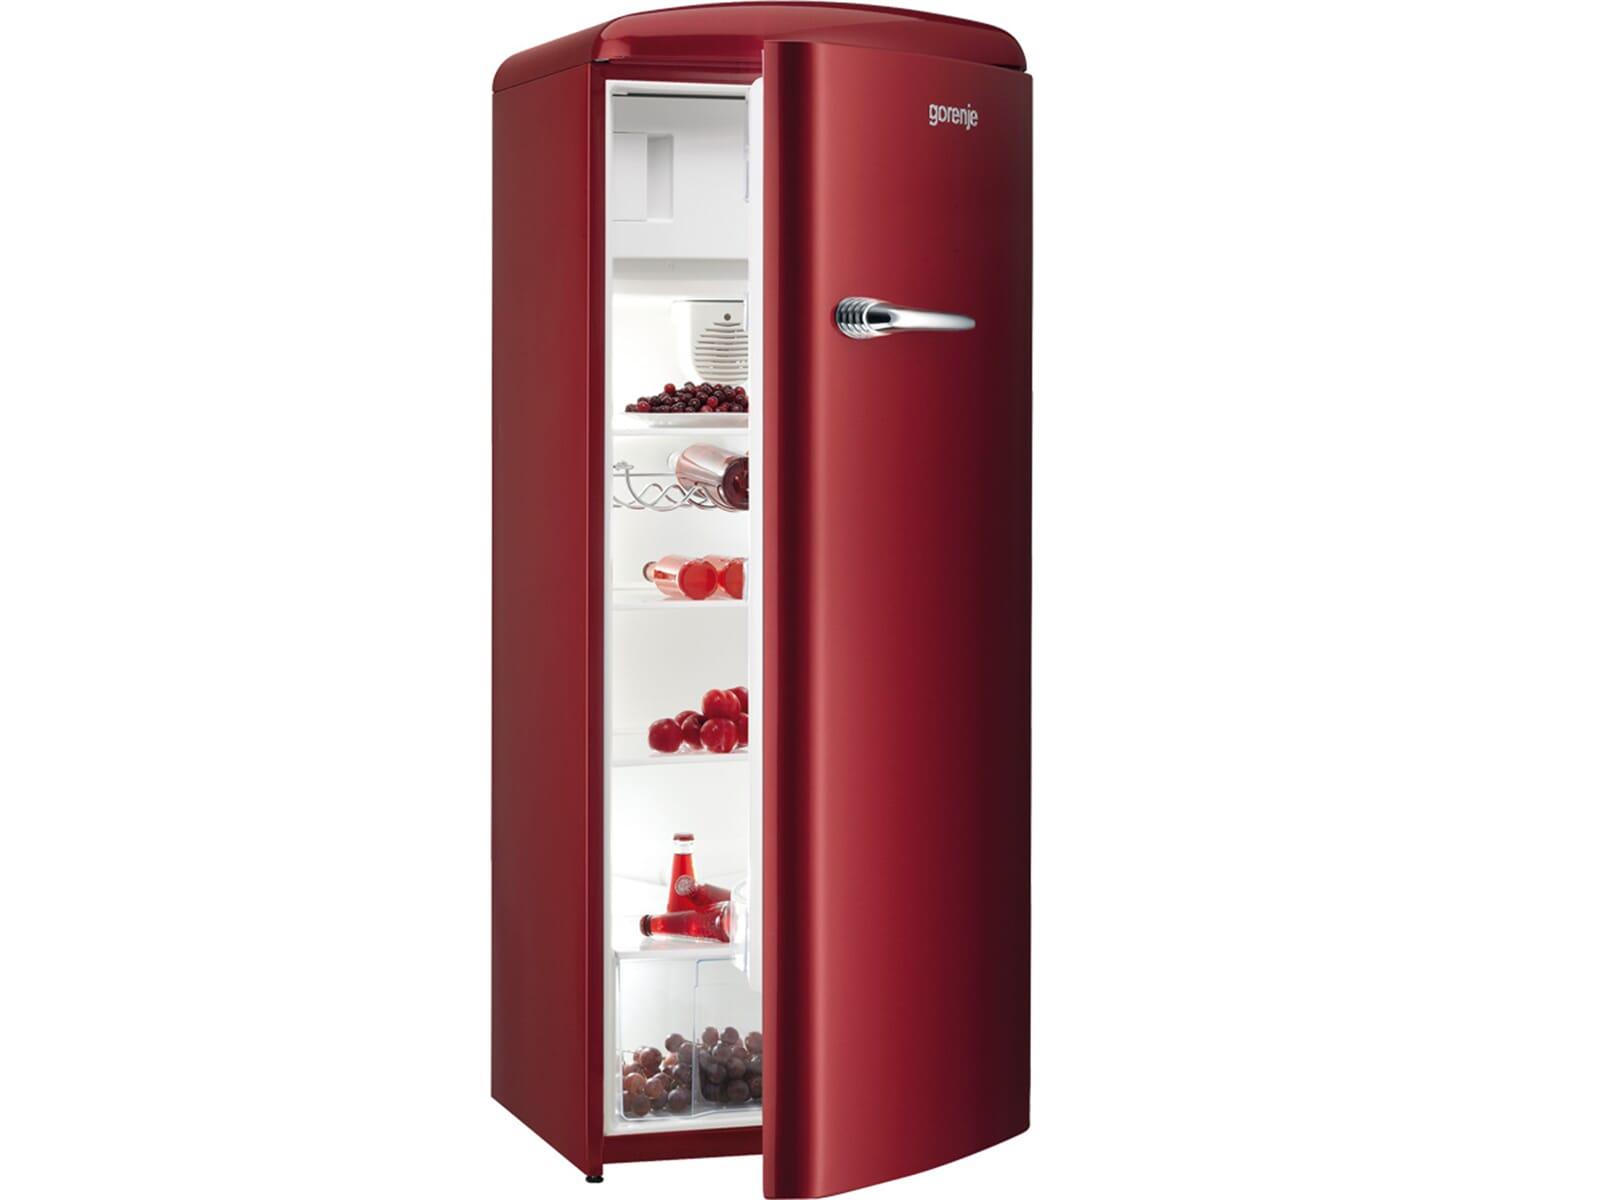 Gorenje Kühlschrank Kaufen : Gorenje küchen gorenje hÖlzel küchendesign einbauküchen für nossen